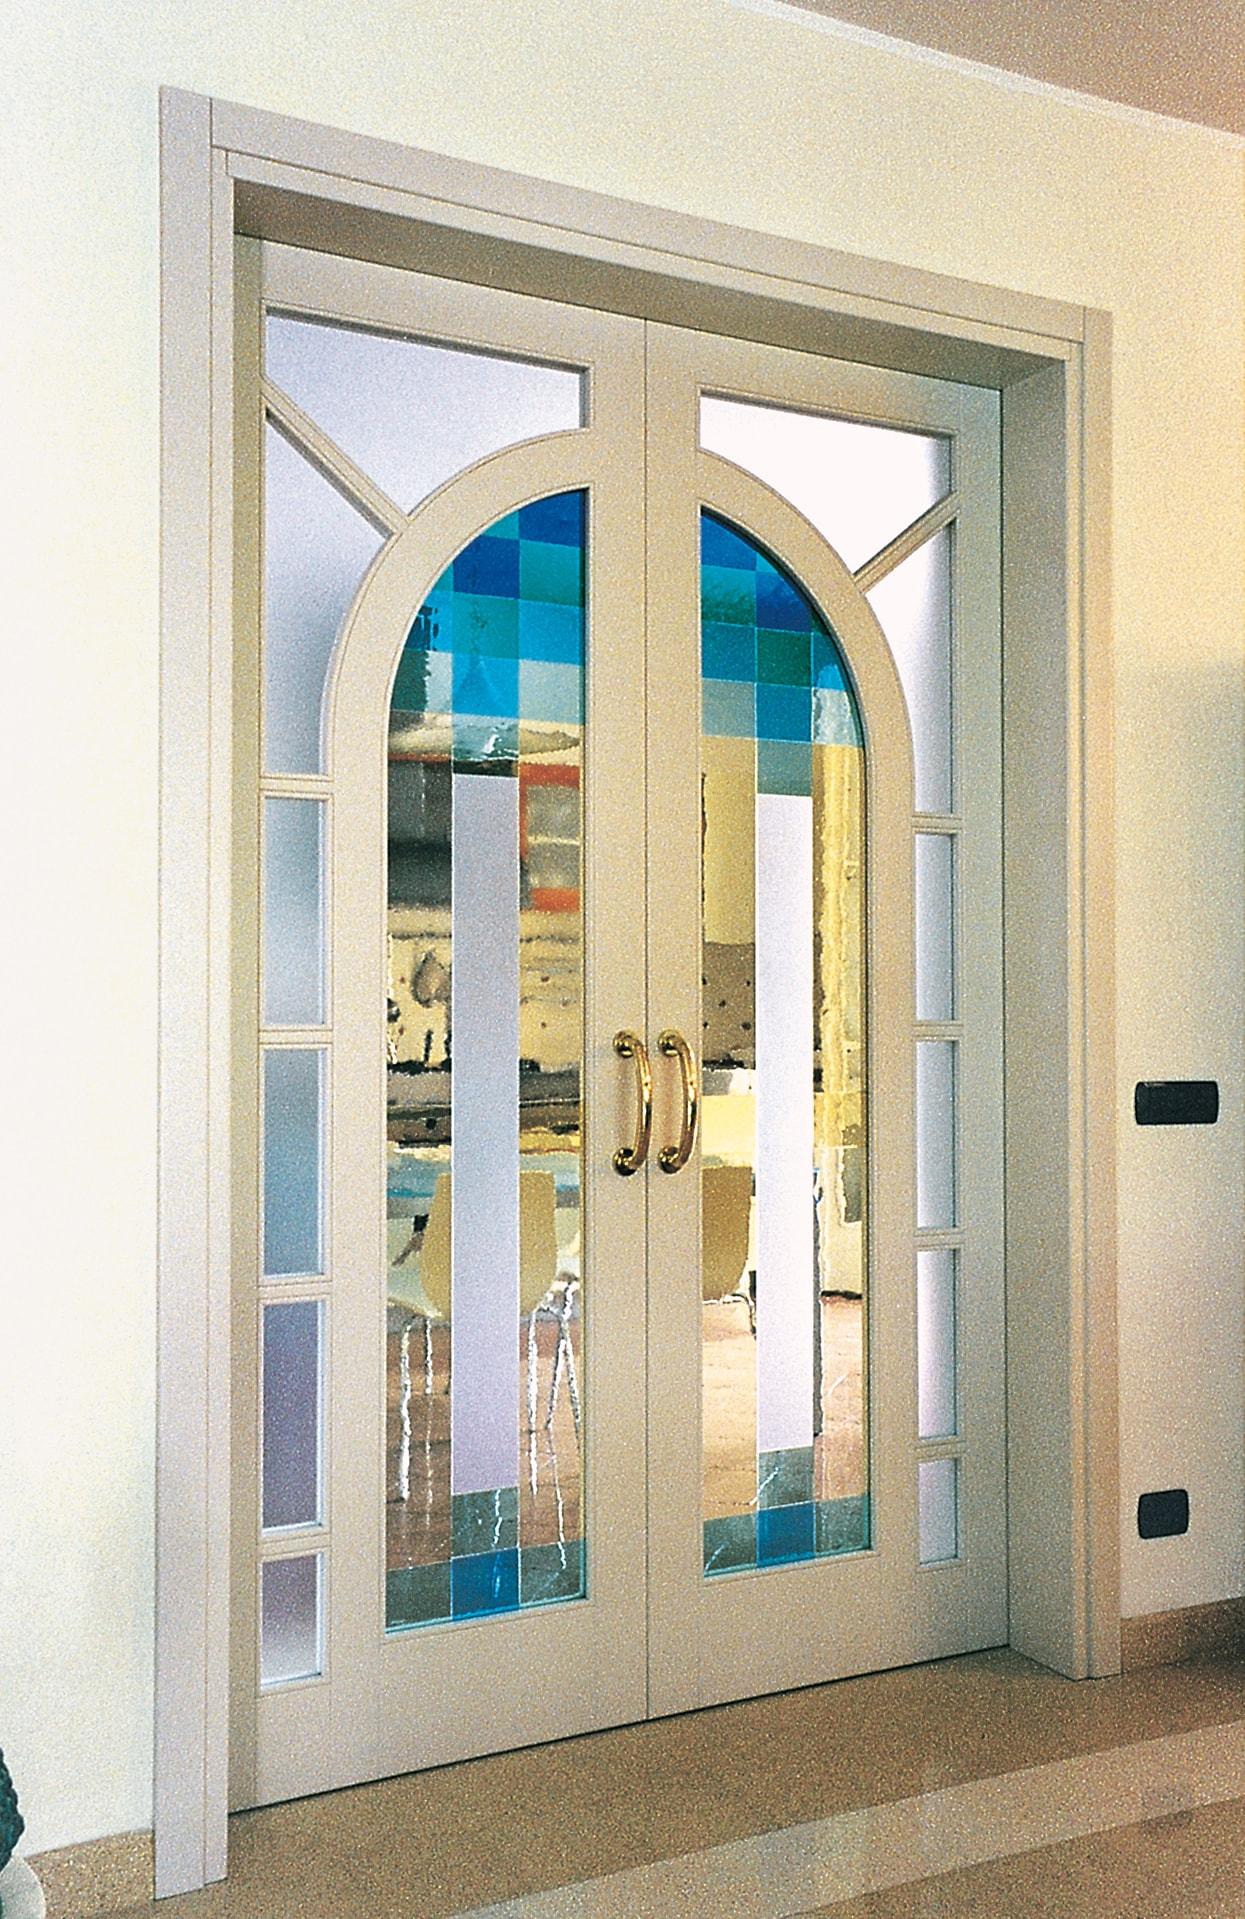 Porte scorrevoli con vetro decorato best idee di porte scorrevoli in vetro e legno image - Porte in legno con vetro decorato ...